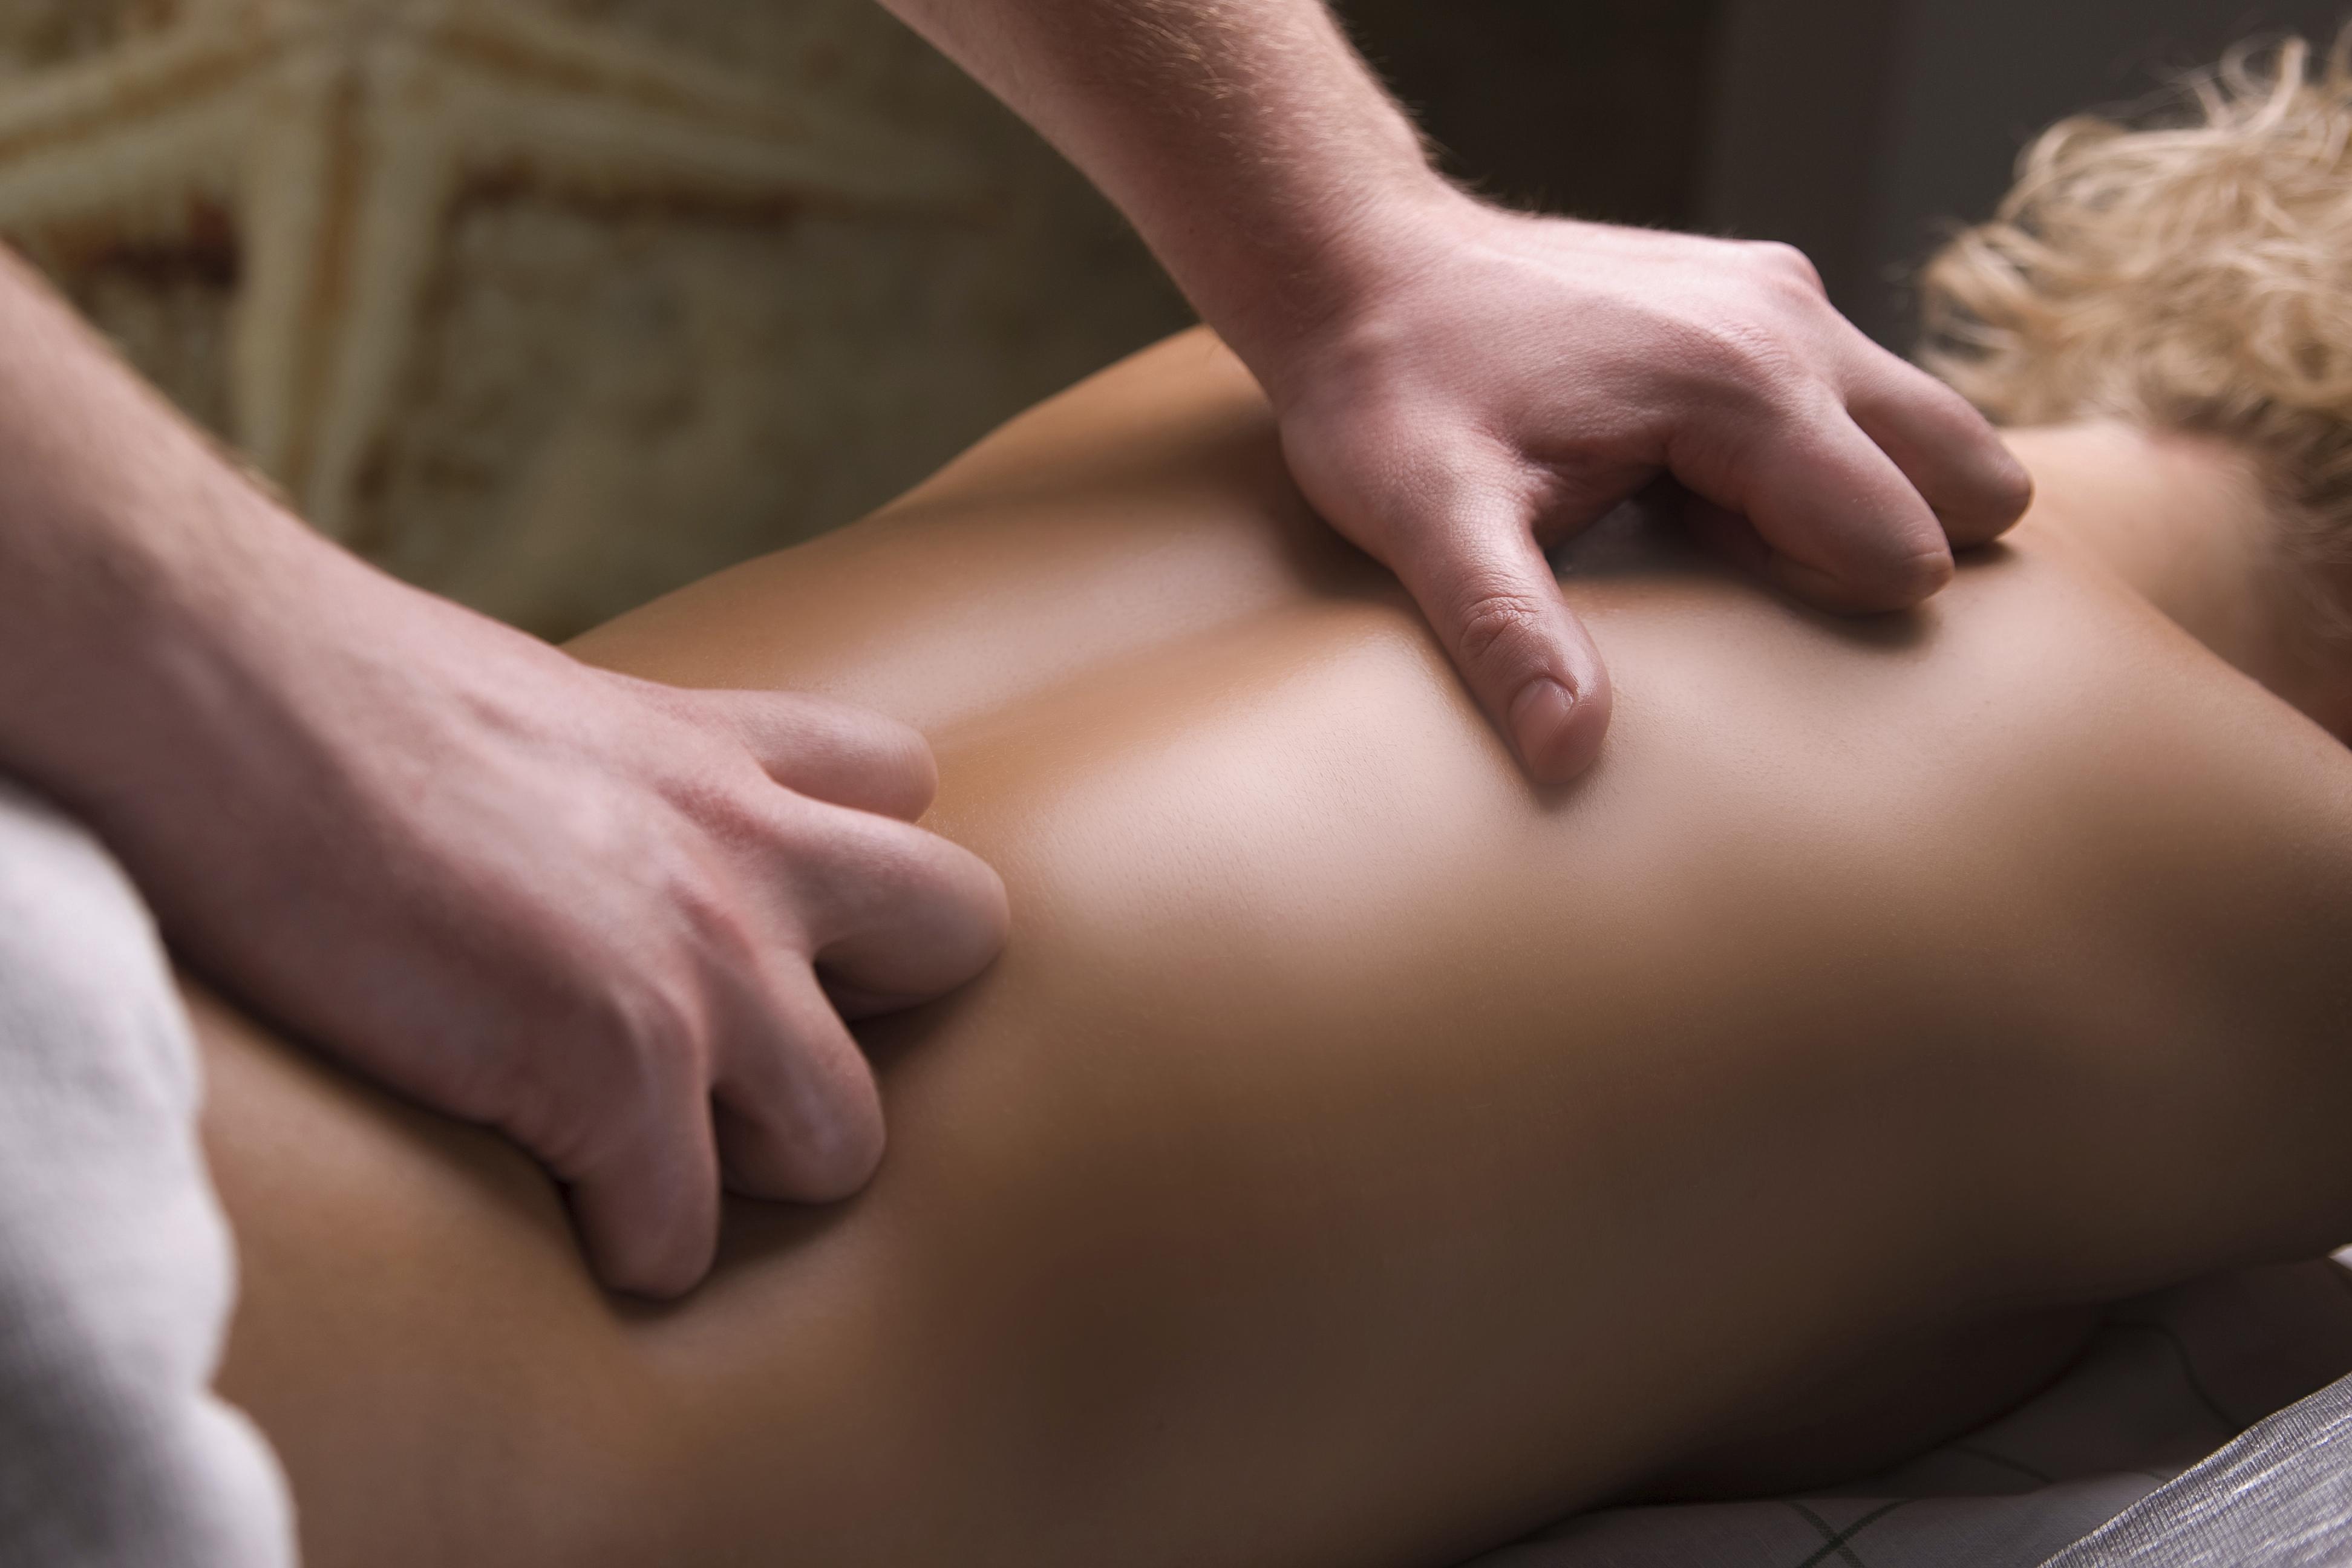 Как делать эротический массаж девушке: главные правила и нюансы